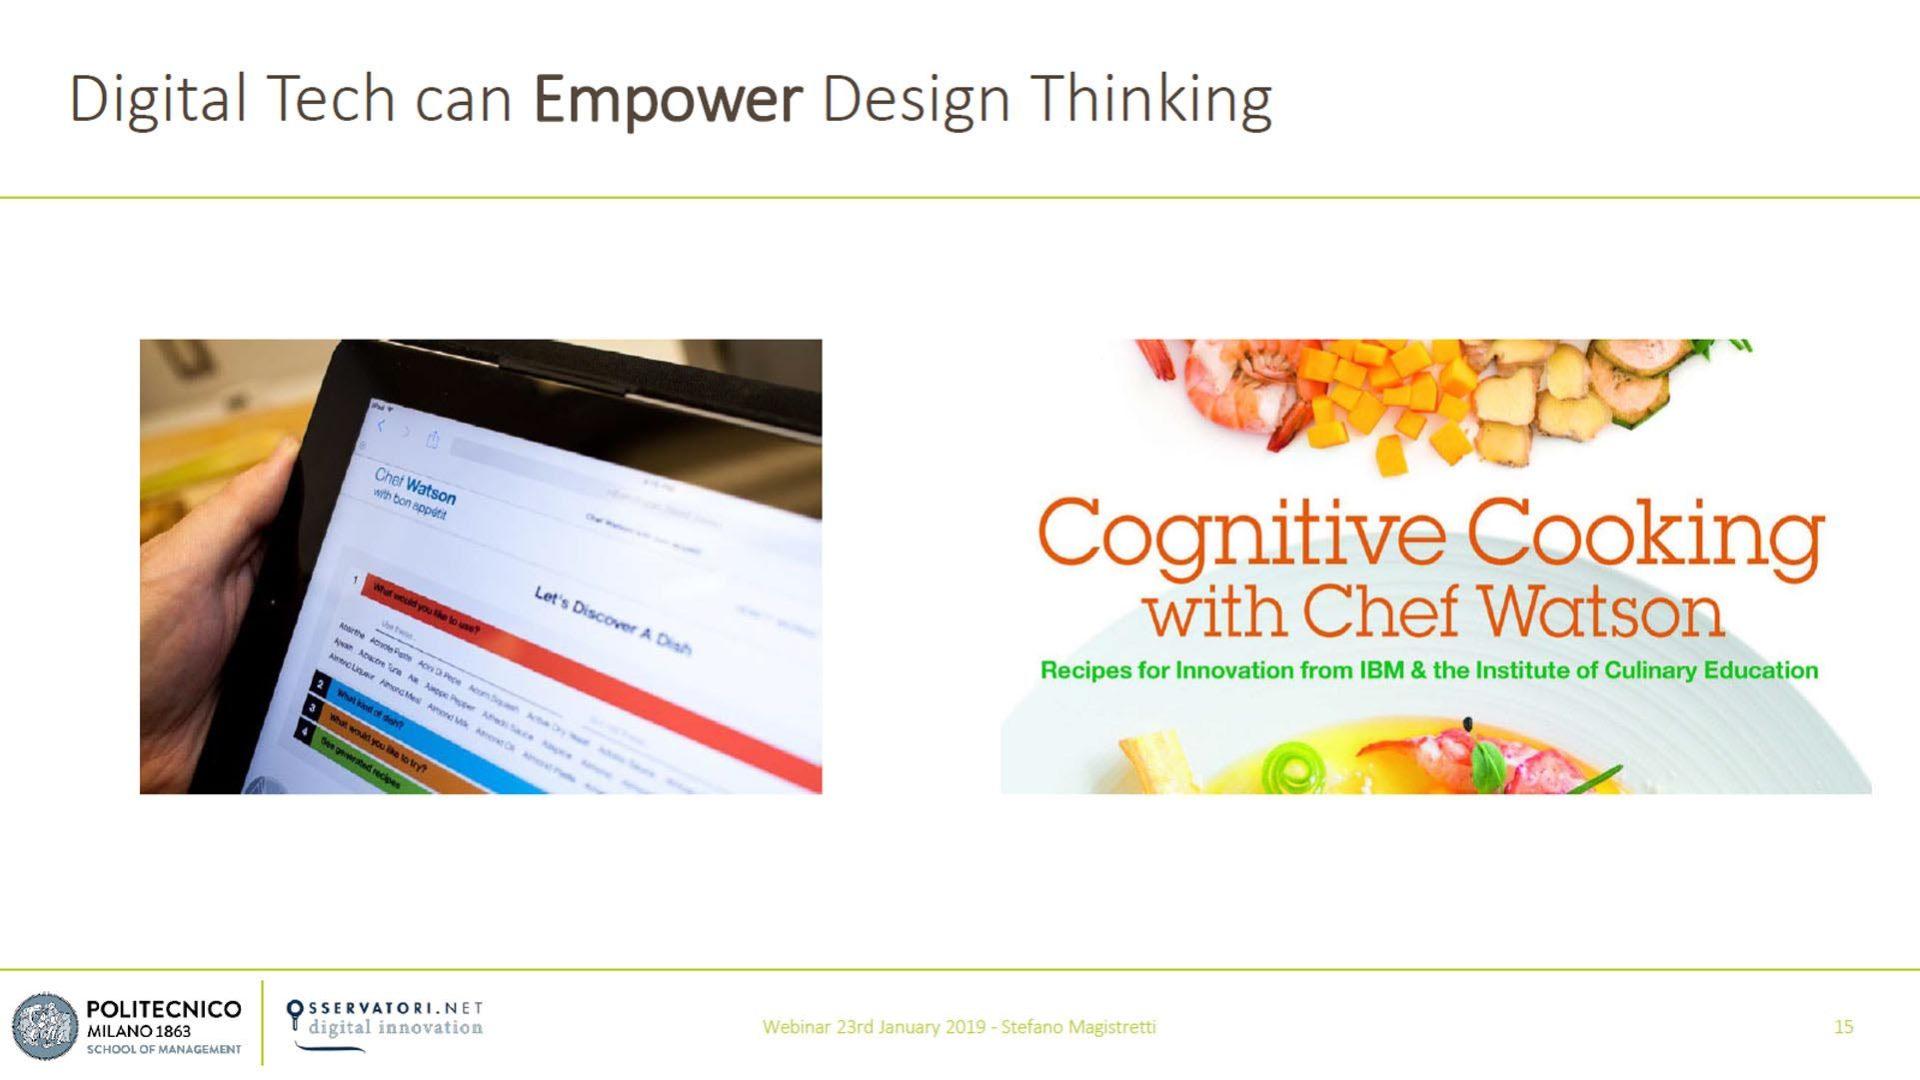 Figura 3 - La tecnologia digitale può potenziare il Design Thinking – Il caso Chef Watson - Fonte: Osservatori Digital Innovation del Politecnico di Milano